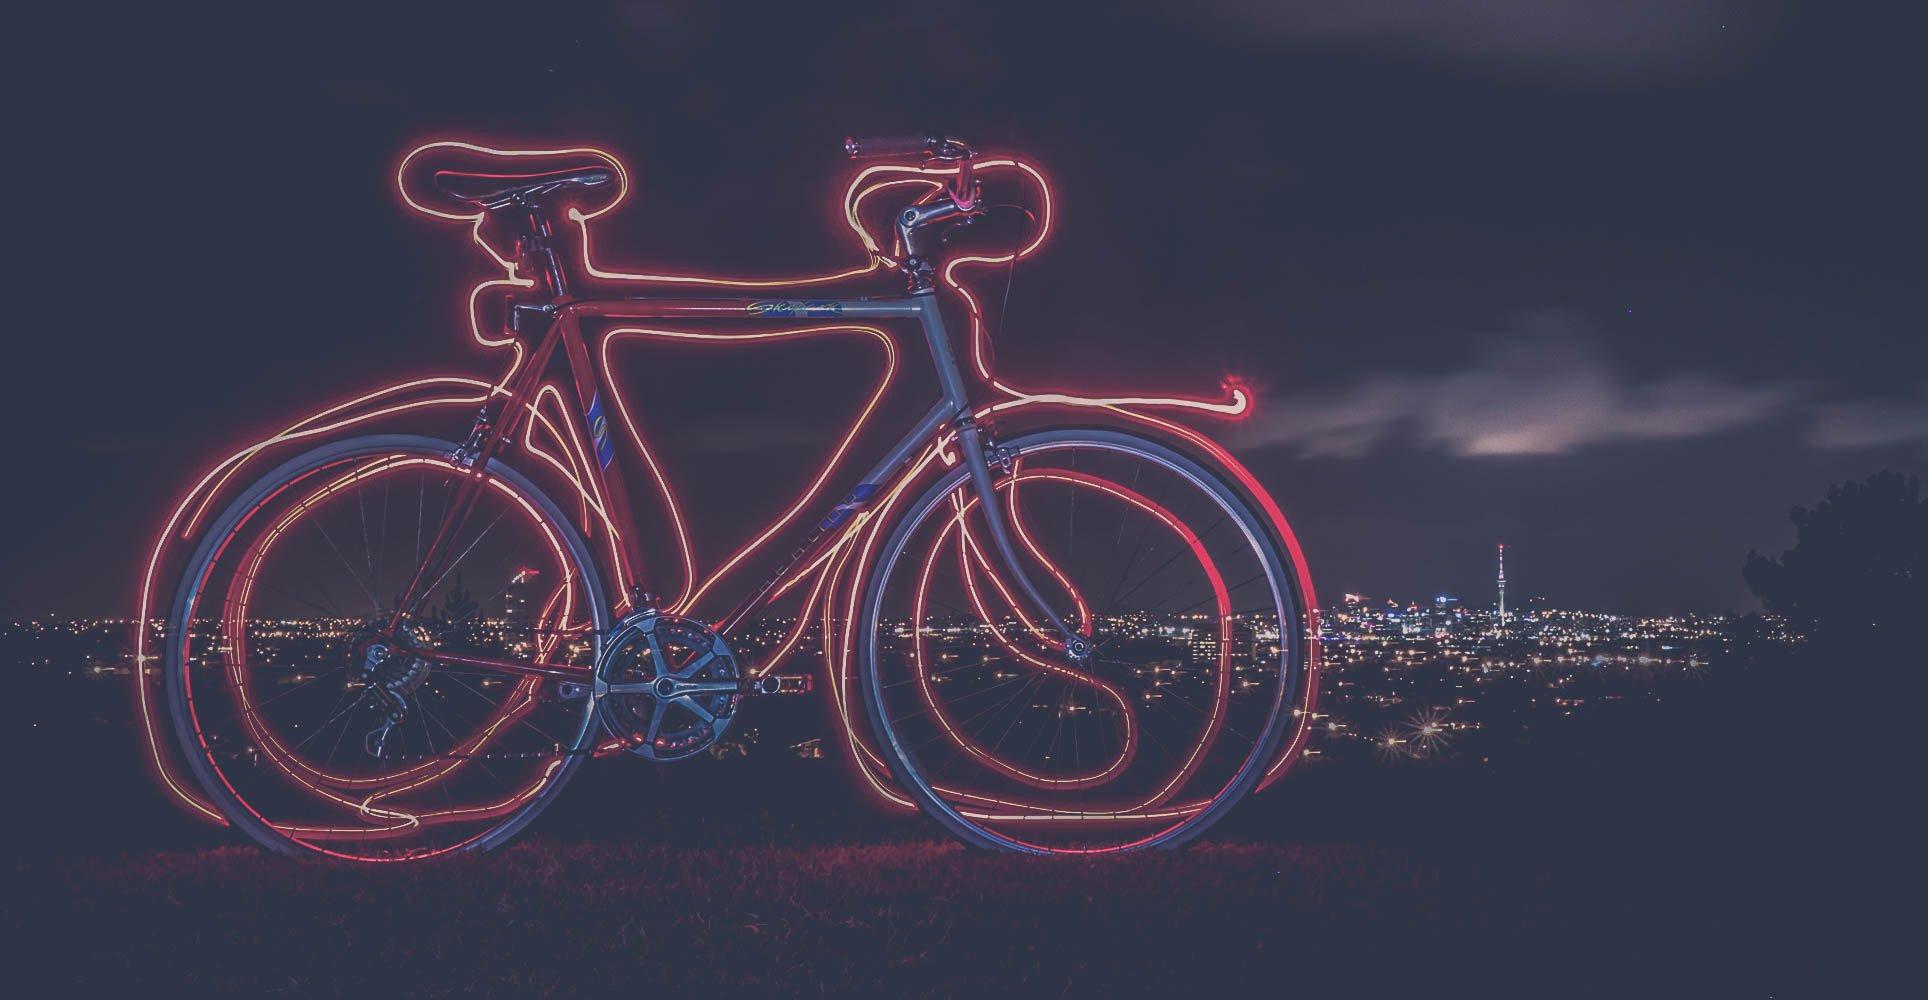 Light painting sécurité vélo lumière - Classical Bicycles